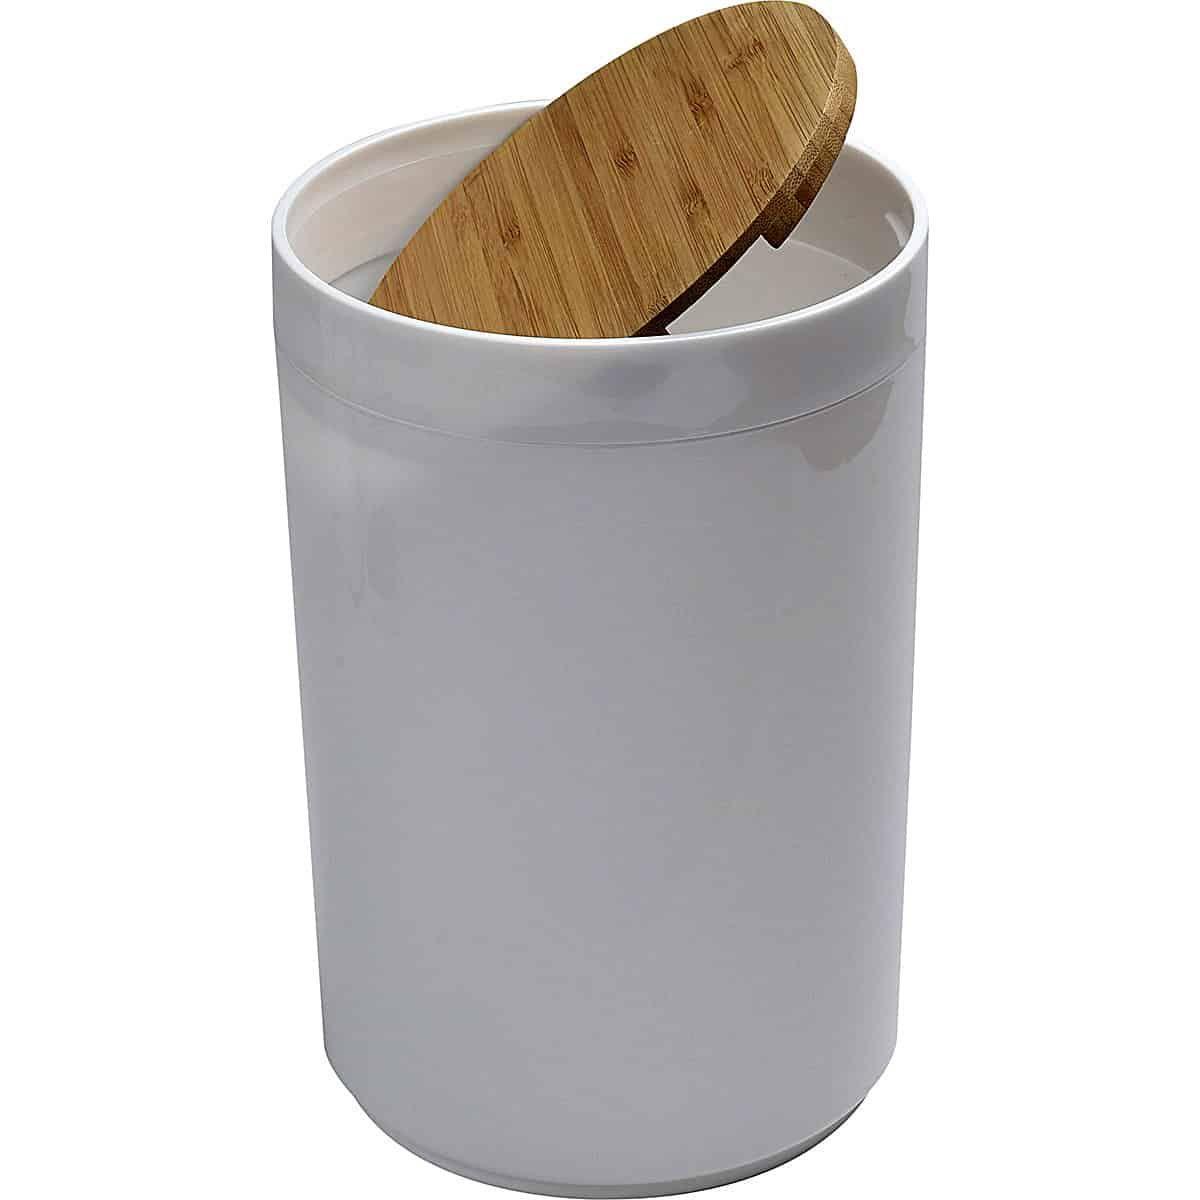 Round Bathroom Floor Trash Can Padang Waste Bin Bamboo Top Swing Lid Plastic 5 Liters 1 3 Gal Nel 2020